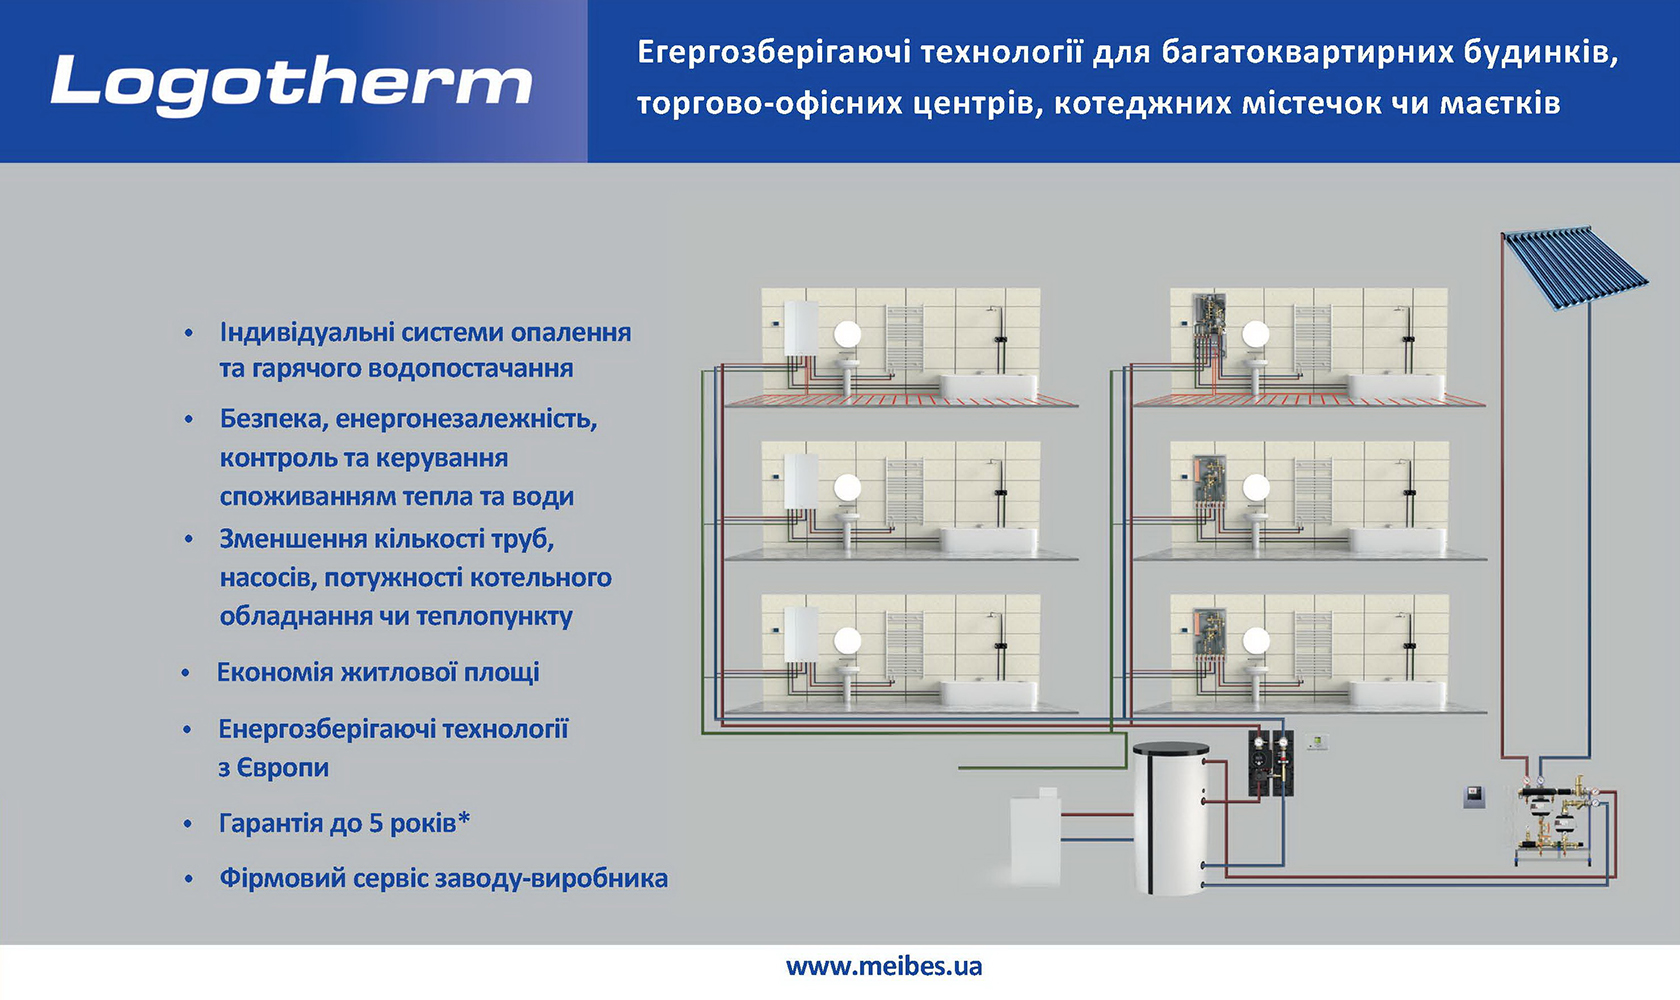 Требования к вентиляции газовой котельной: нормативы и особенности сборки системы